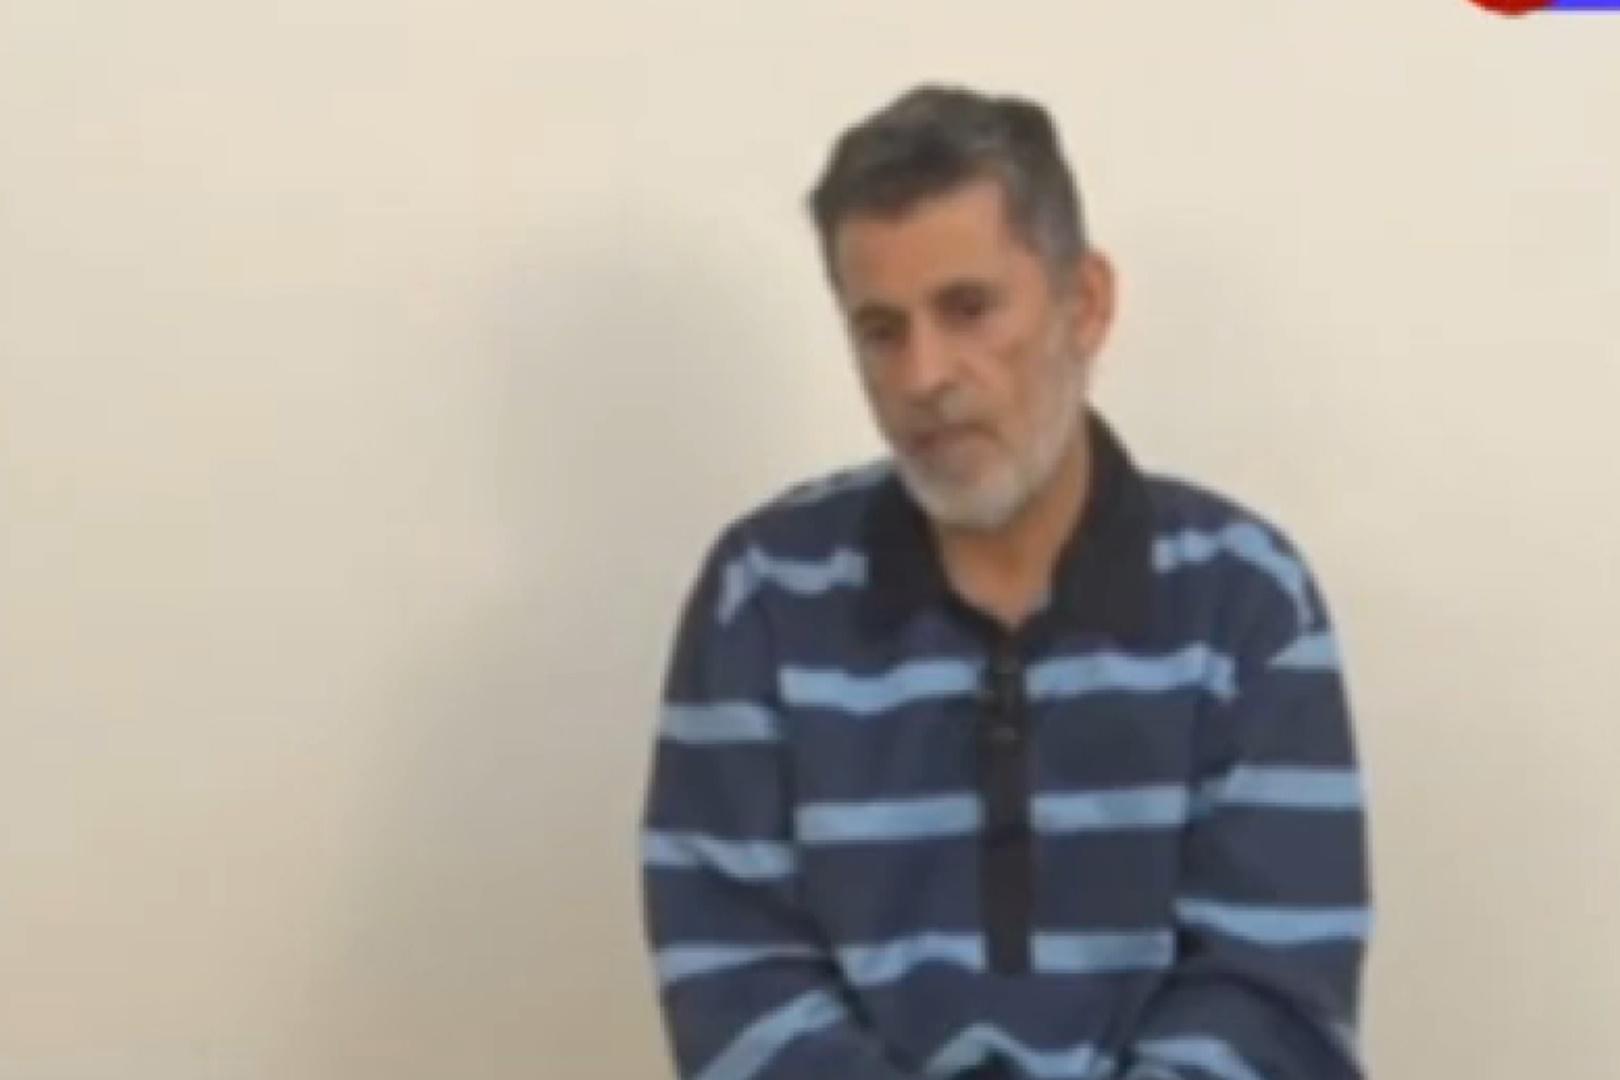 فیلم | رحمان؛ فردی که در ایران مهمات داعش را تامین کرد